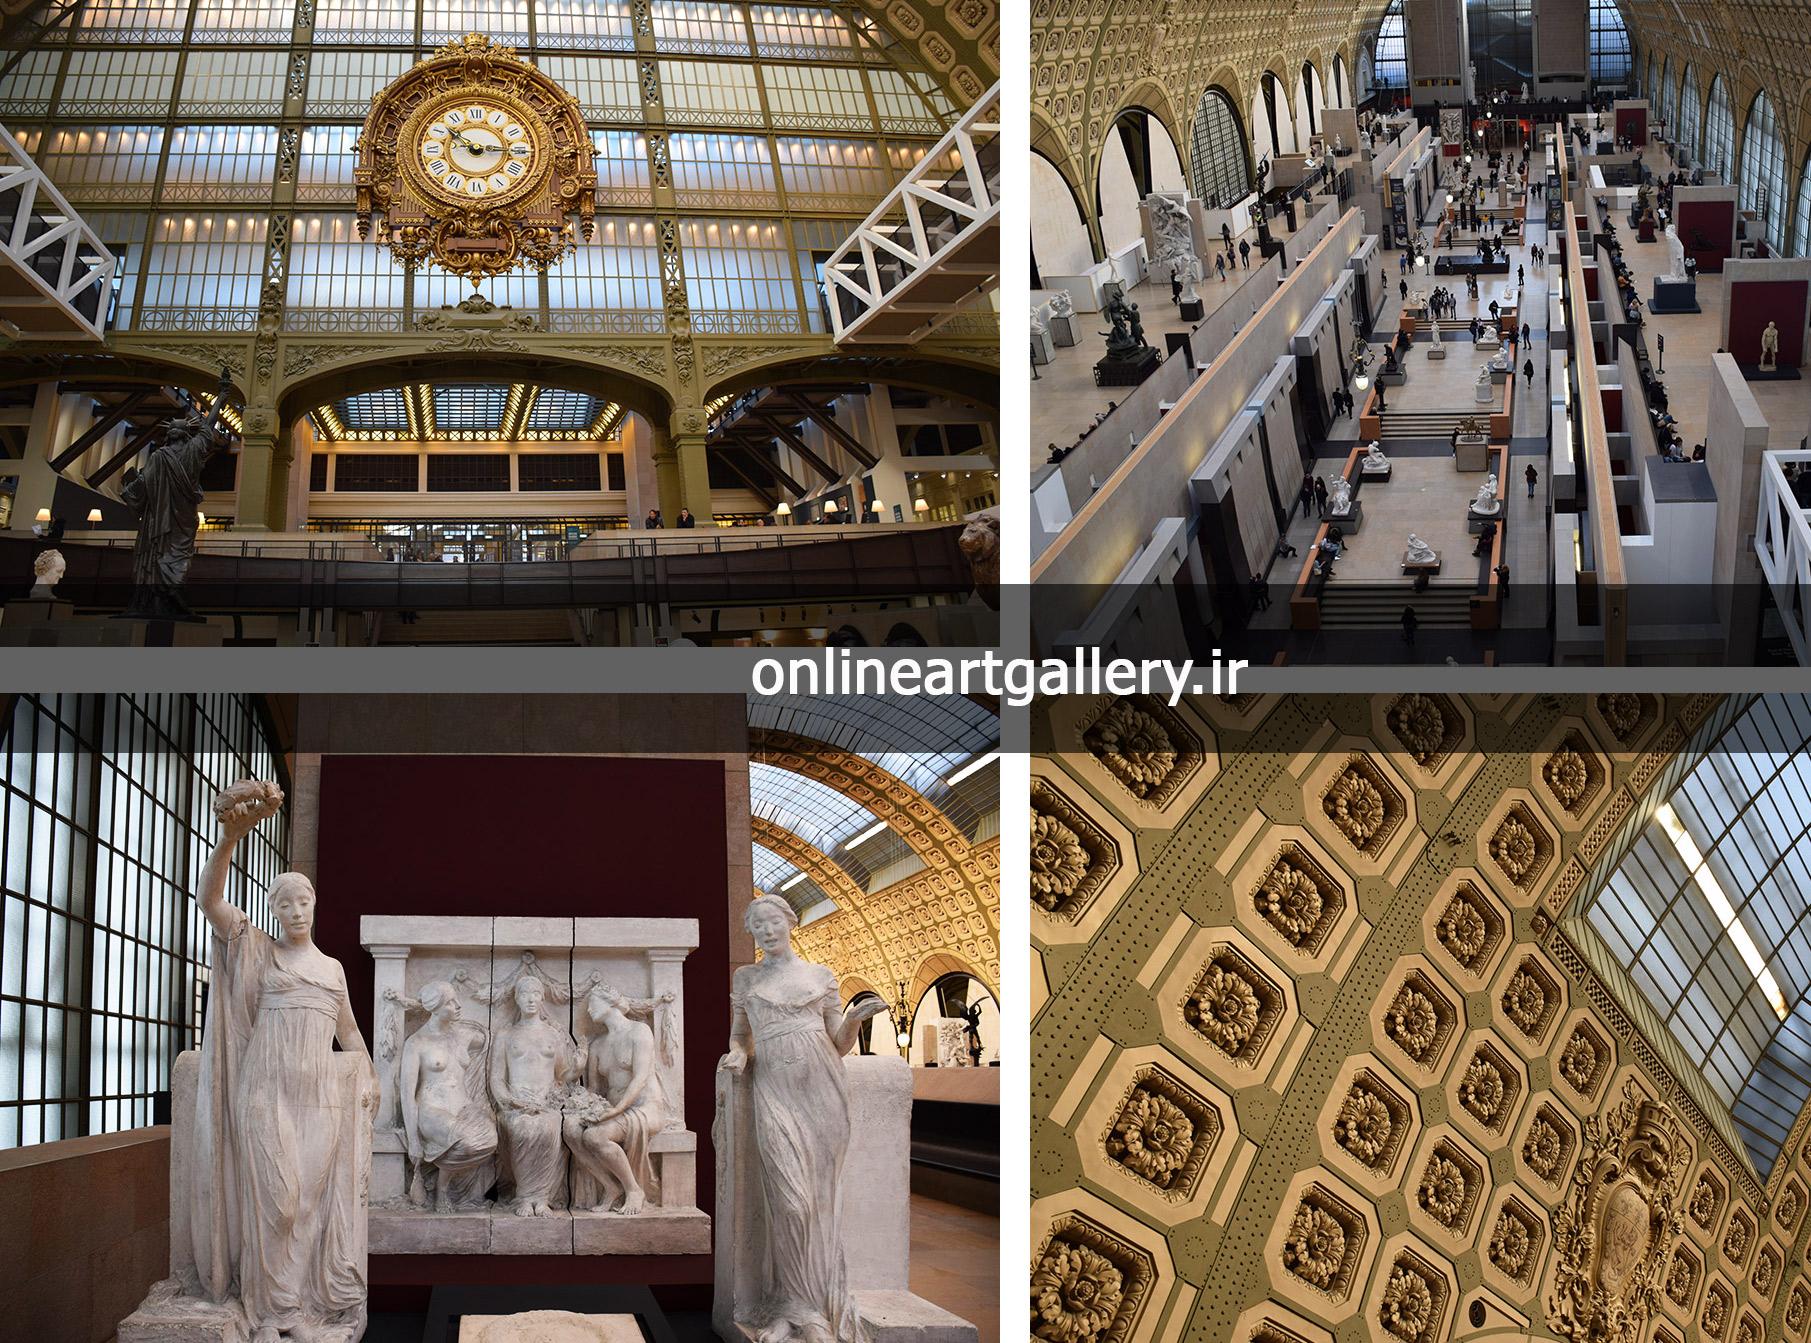 گزارش تصویری مجسمه های موزه اورسی پاریس(بخش هفتم)